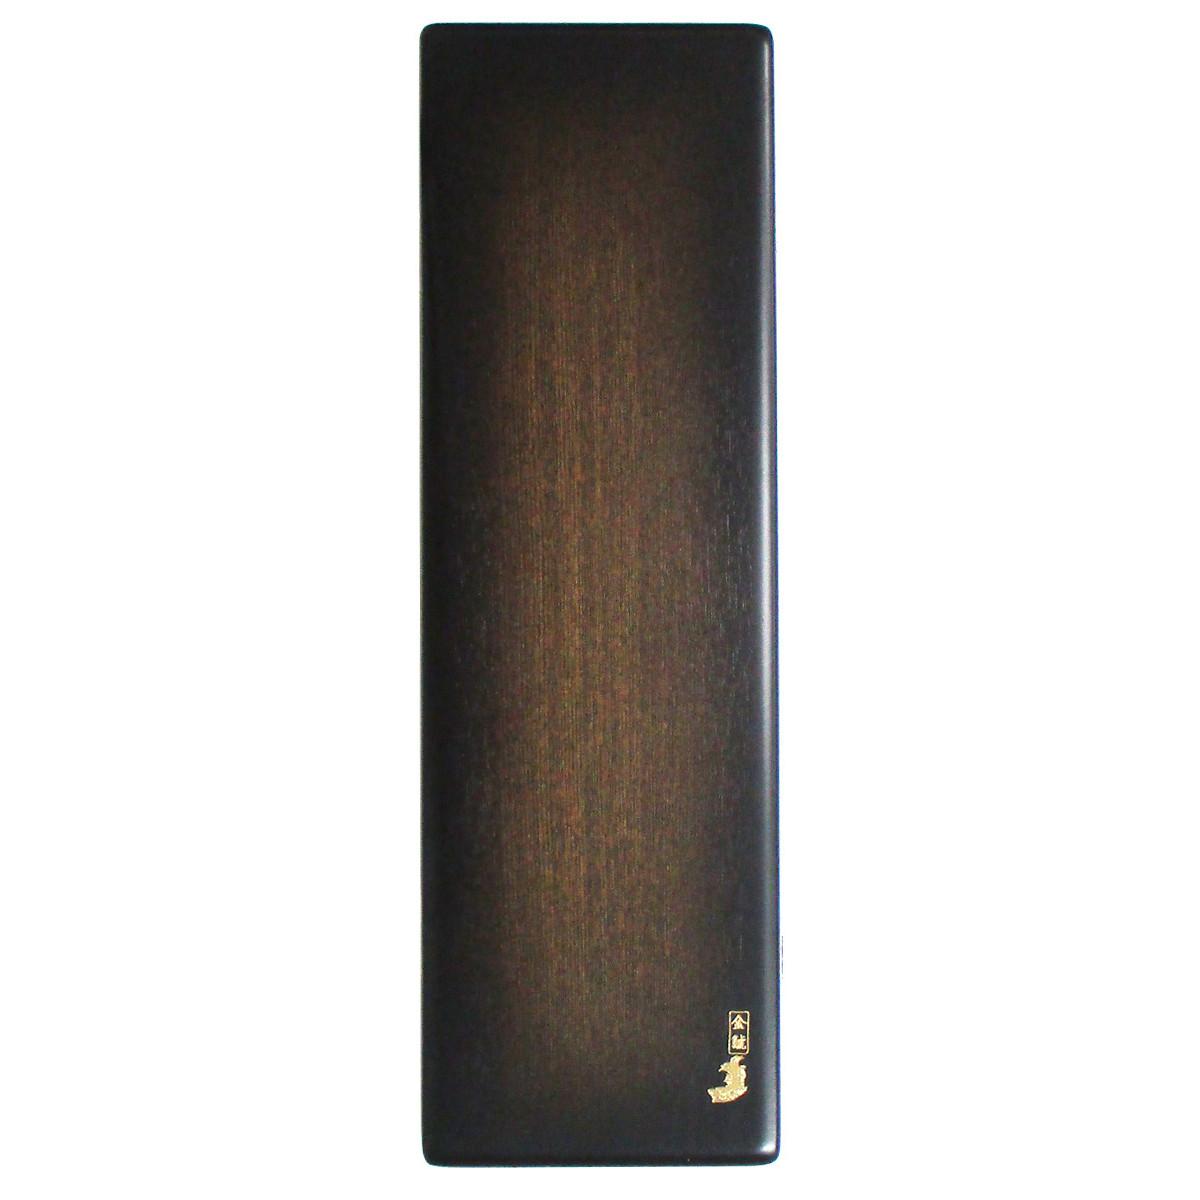 オオモリ 金鯱 うき箱 幅広 No.K640 40cm(12列) 黒(東日本店)